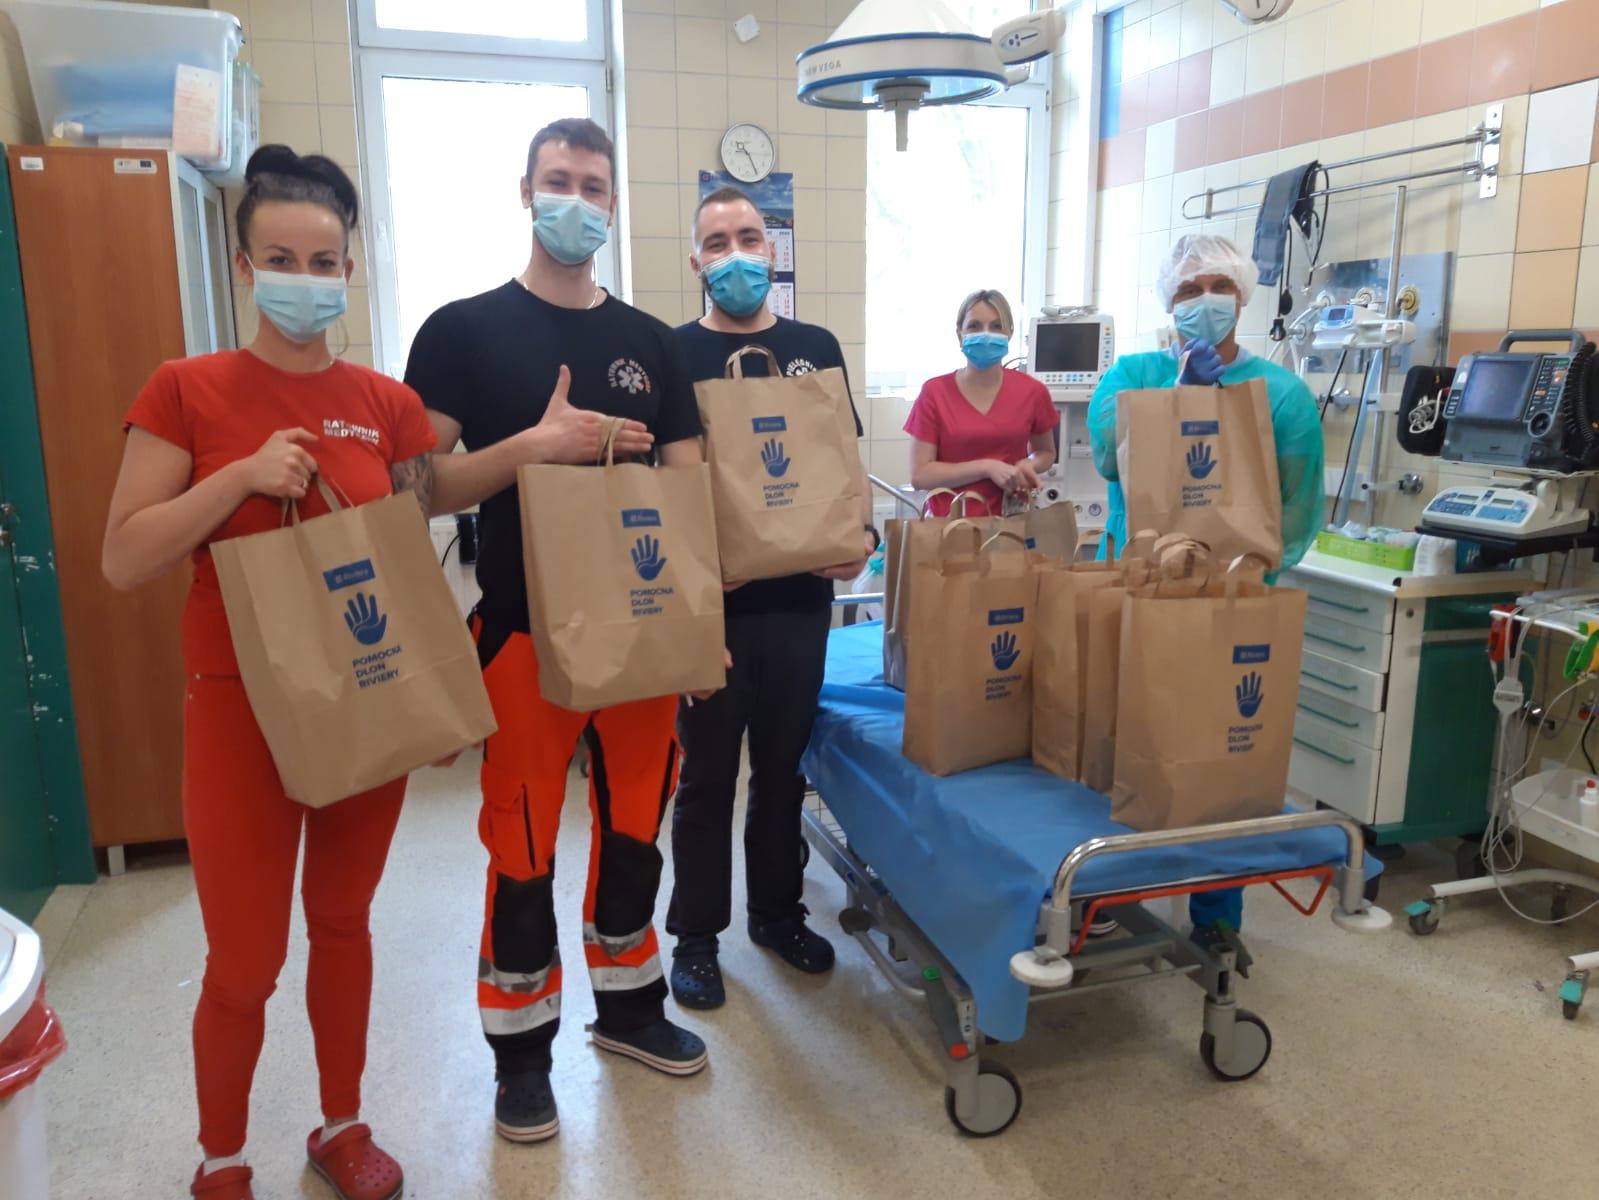 Tysiące maseczek i przyłbic dla szpitali, nowy sprzęt i posiłki dla medyków. Firmy, agencje, lokalni restauratorzy – pomagali wszyscy